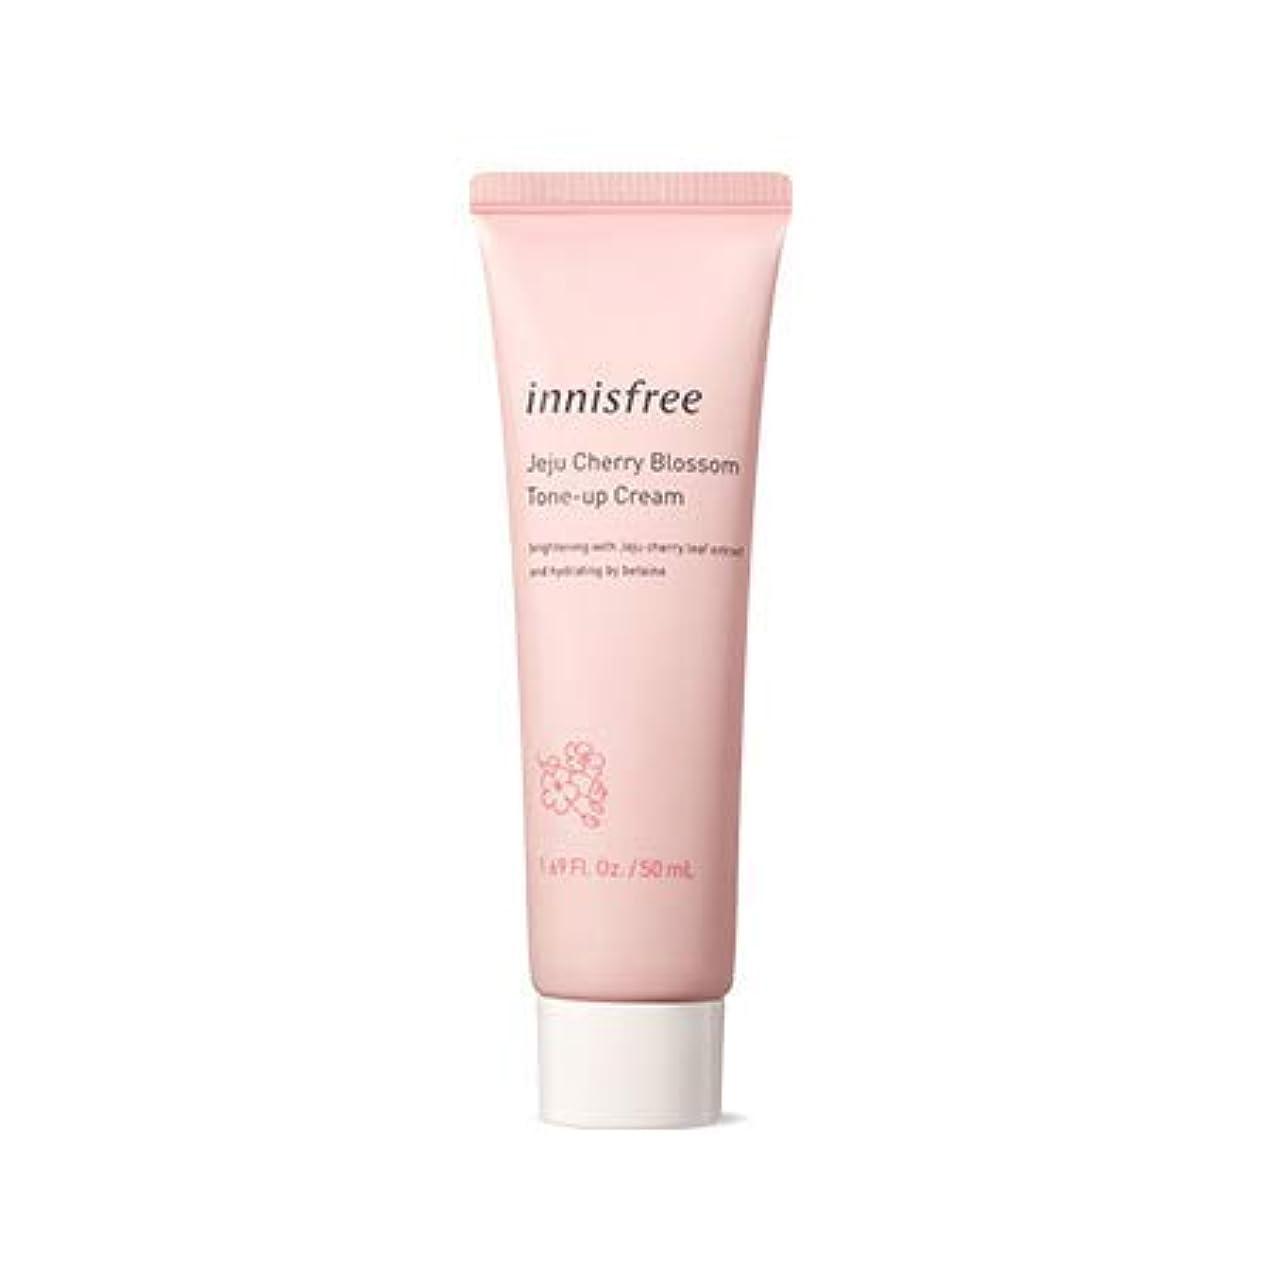 物思いにふける黙認するコストイニスフリー 済州 チェリー ブラッサム トーンアップ クリーム 【チューブ】 50ml / Innisfree Jeju Cherry Blossom Tone Up Cream [Tube] 50ml [並行輸入品]